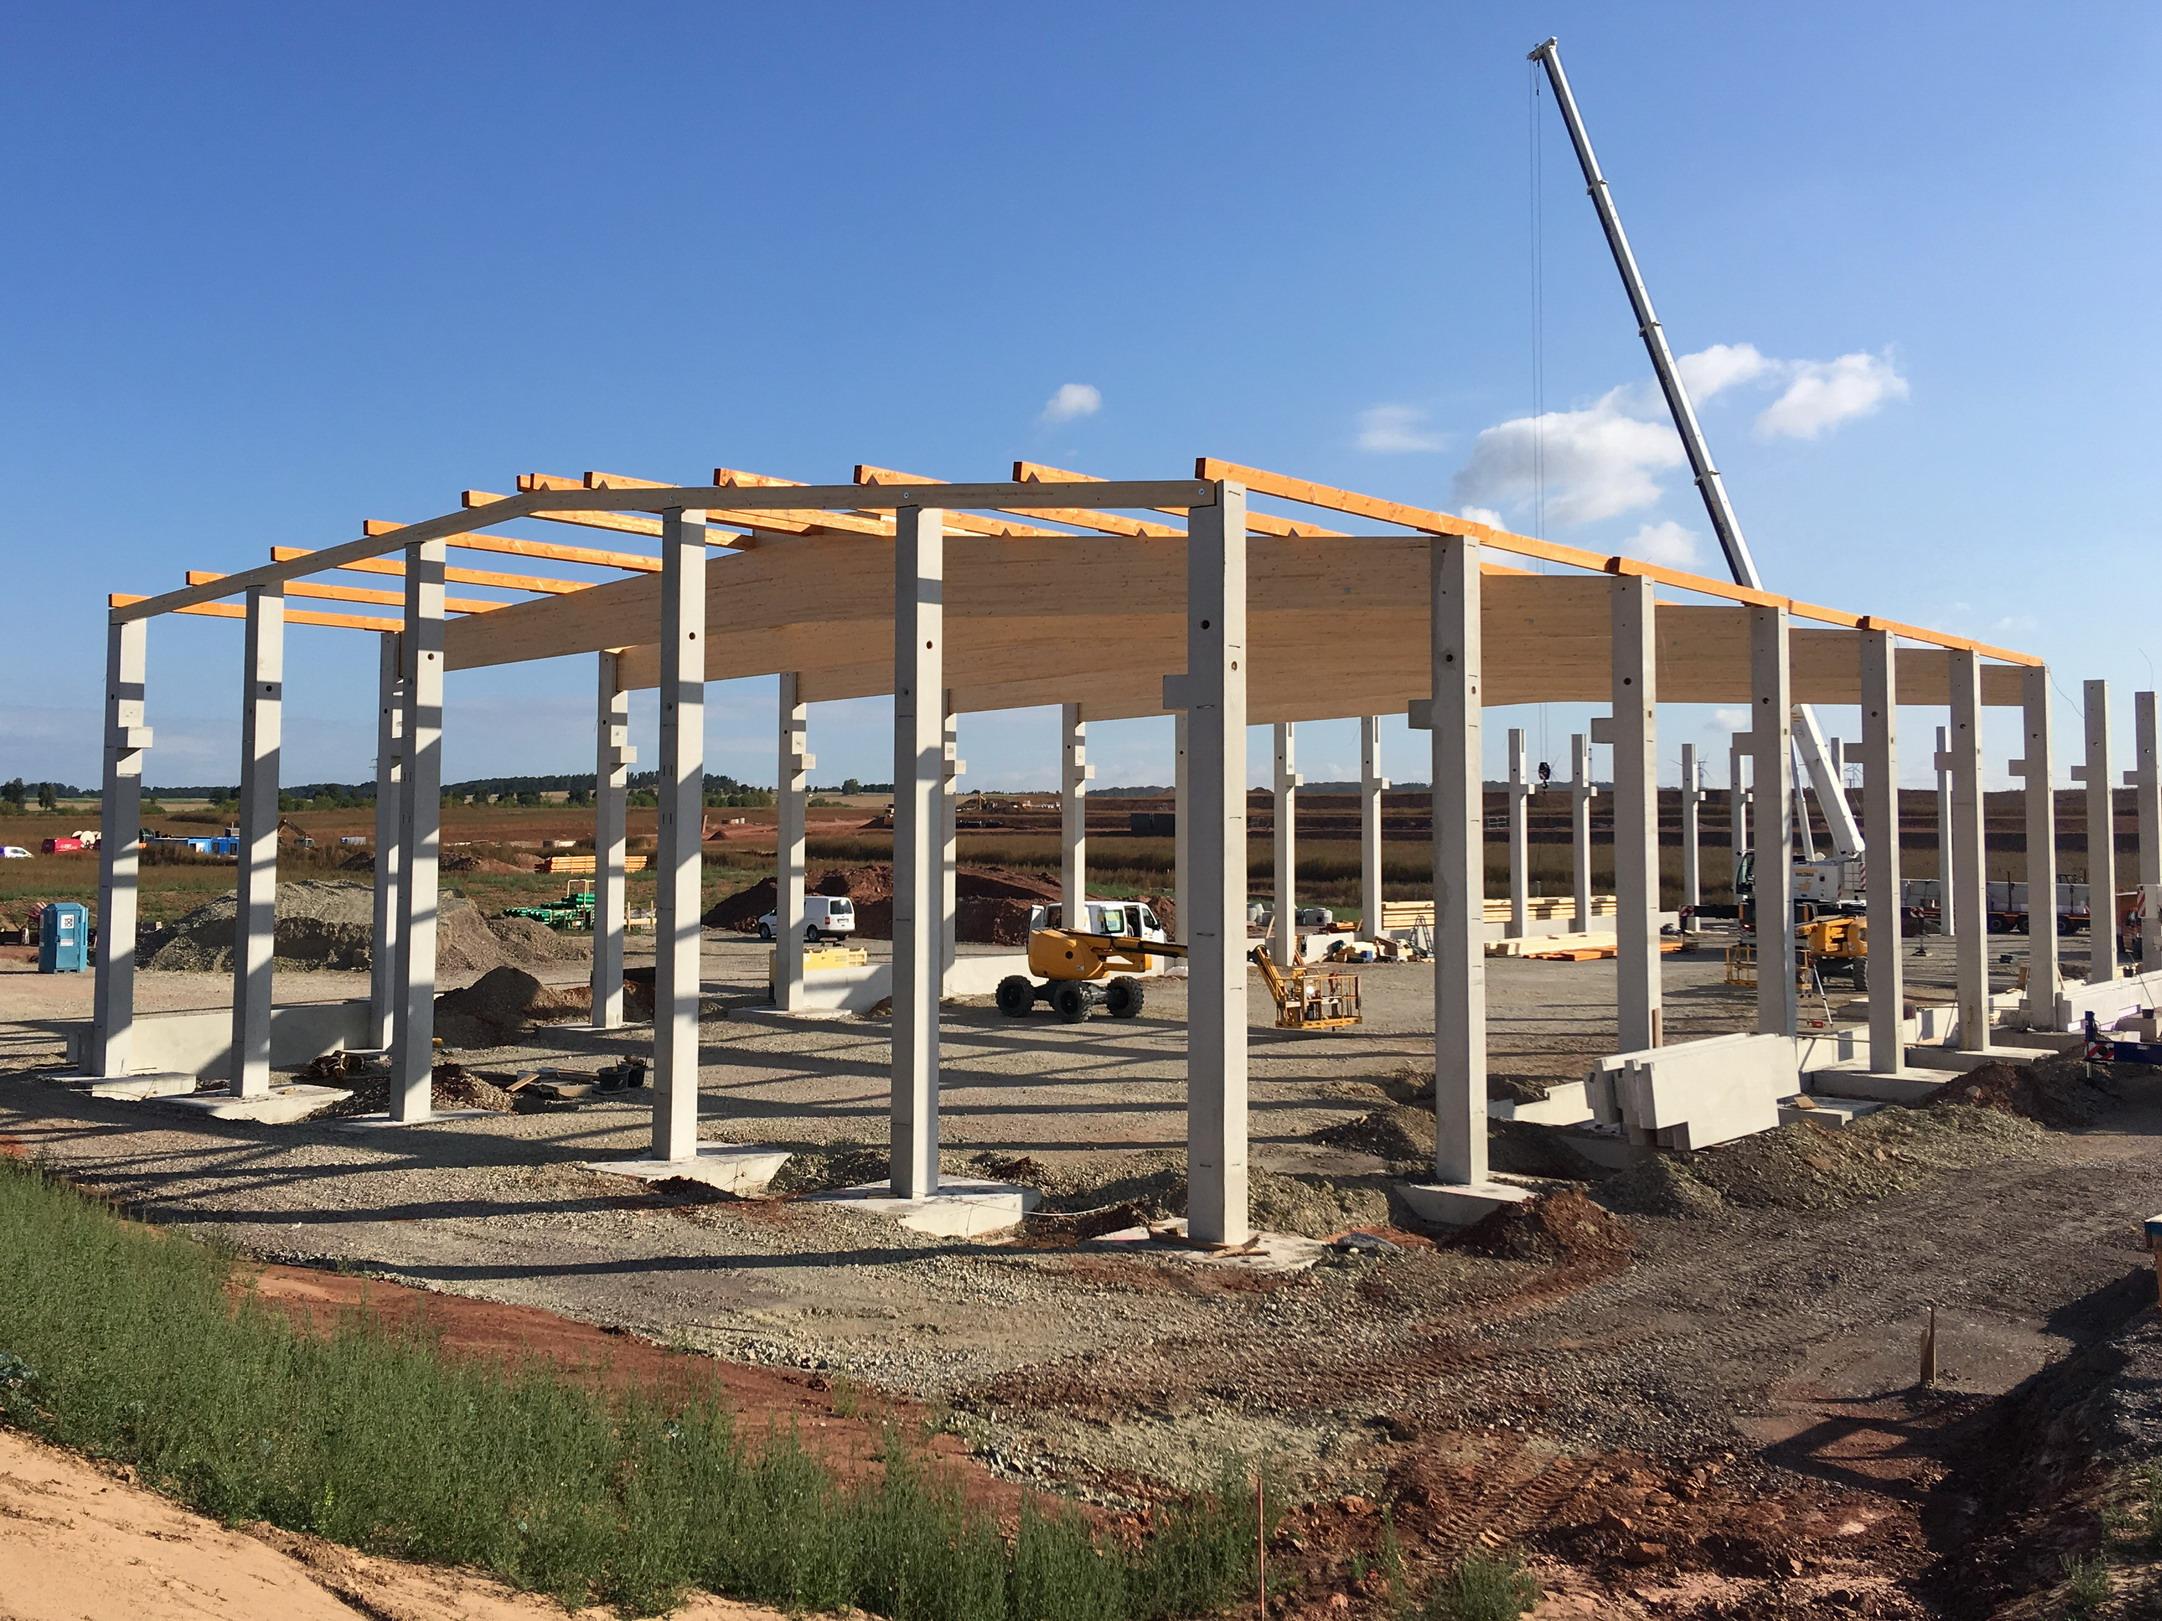 Satteldachbinder Industriehalle BSH- Dachkonstruktion